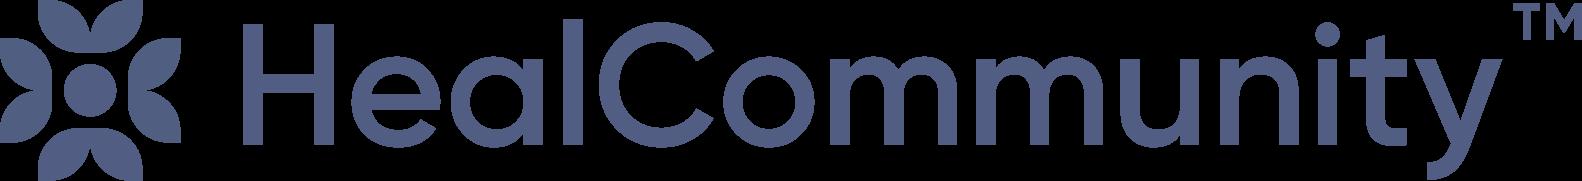 HealCommunity Logo